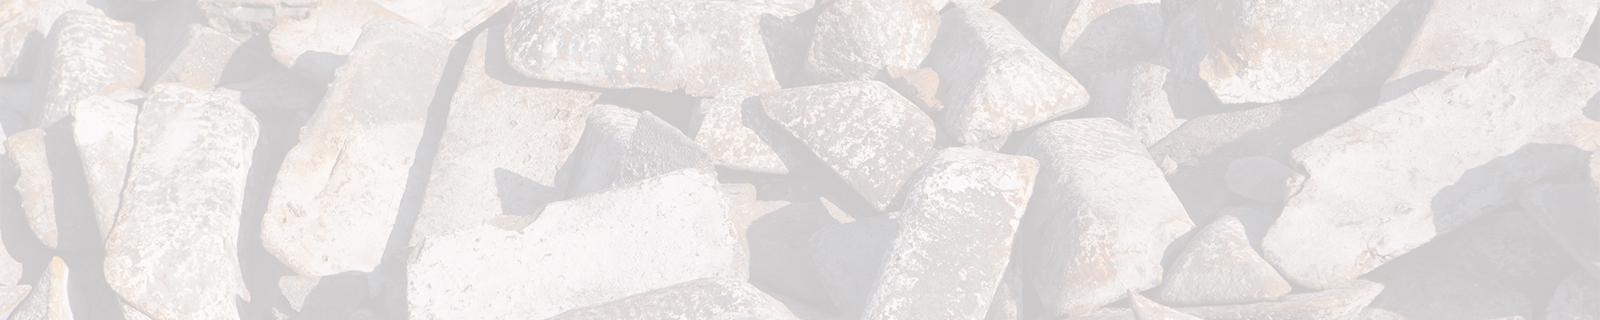 DUCTILE CAST IRON MARKET